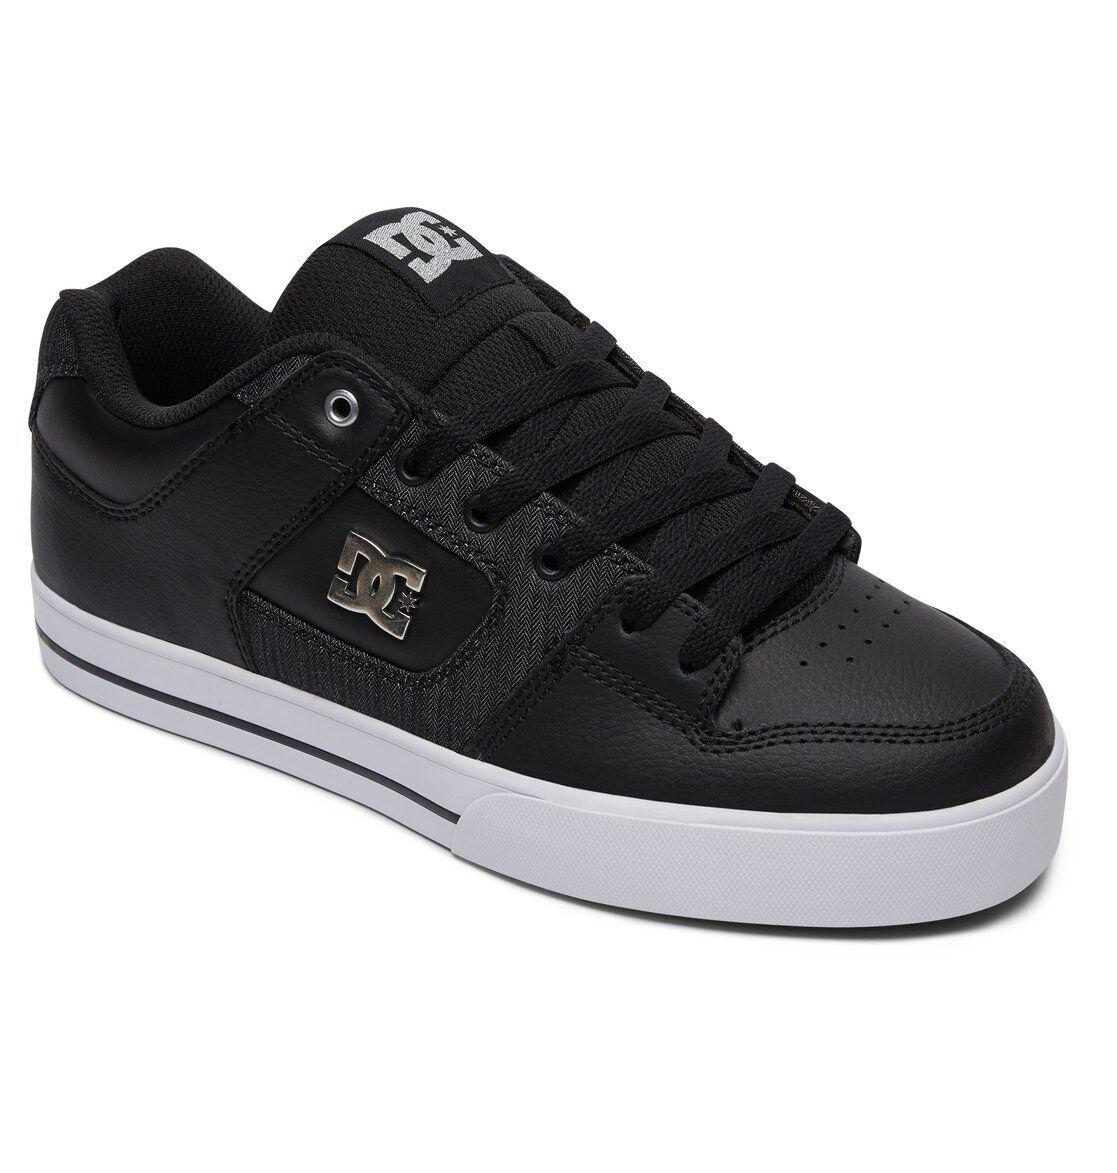 DC Skaterschuhe Pure SE schwarz - grau - schwarz 301024 xksk Herren